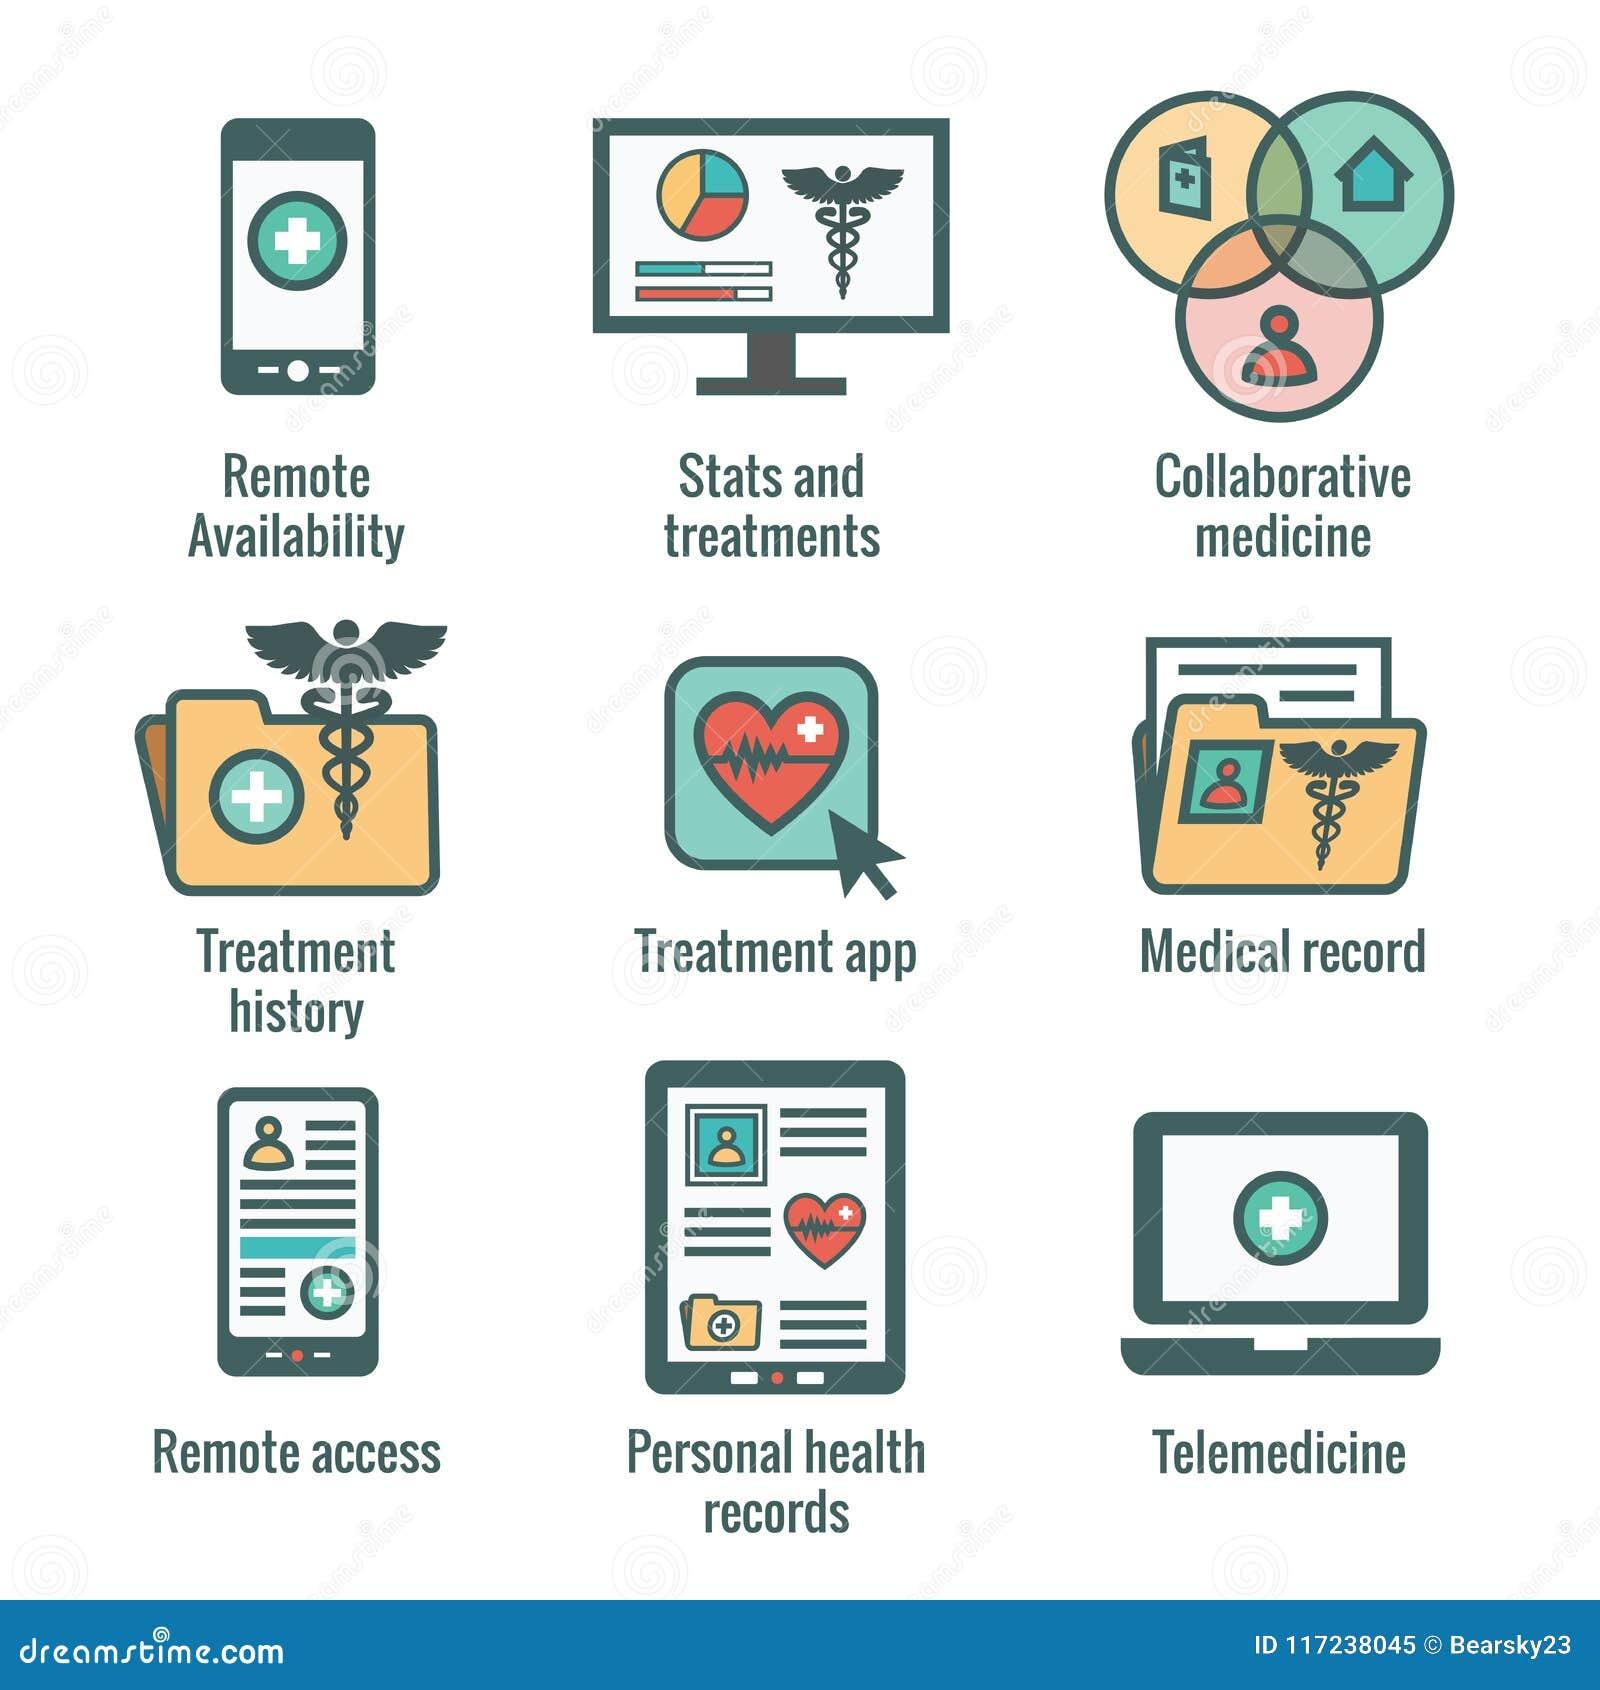 Telemedicine i dokumentacj medycznych ikona Ustawiająca z kaduceuszem, kartoteki fol